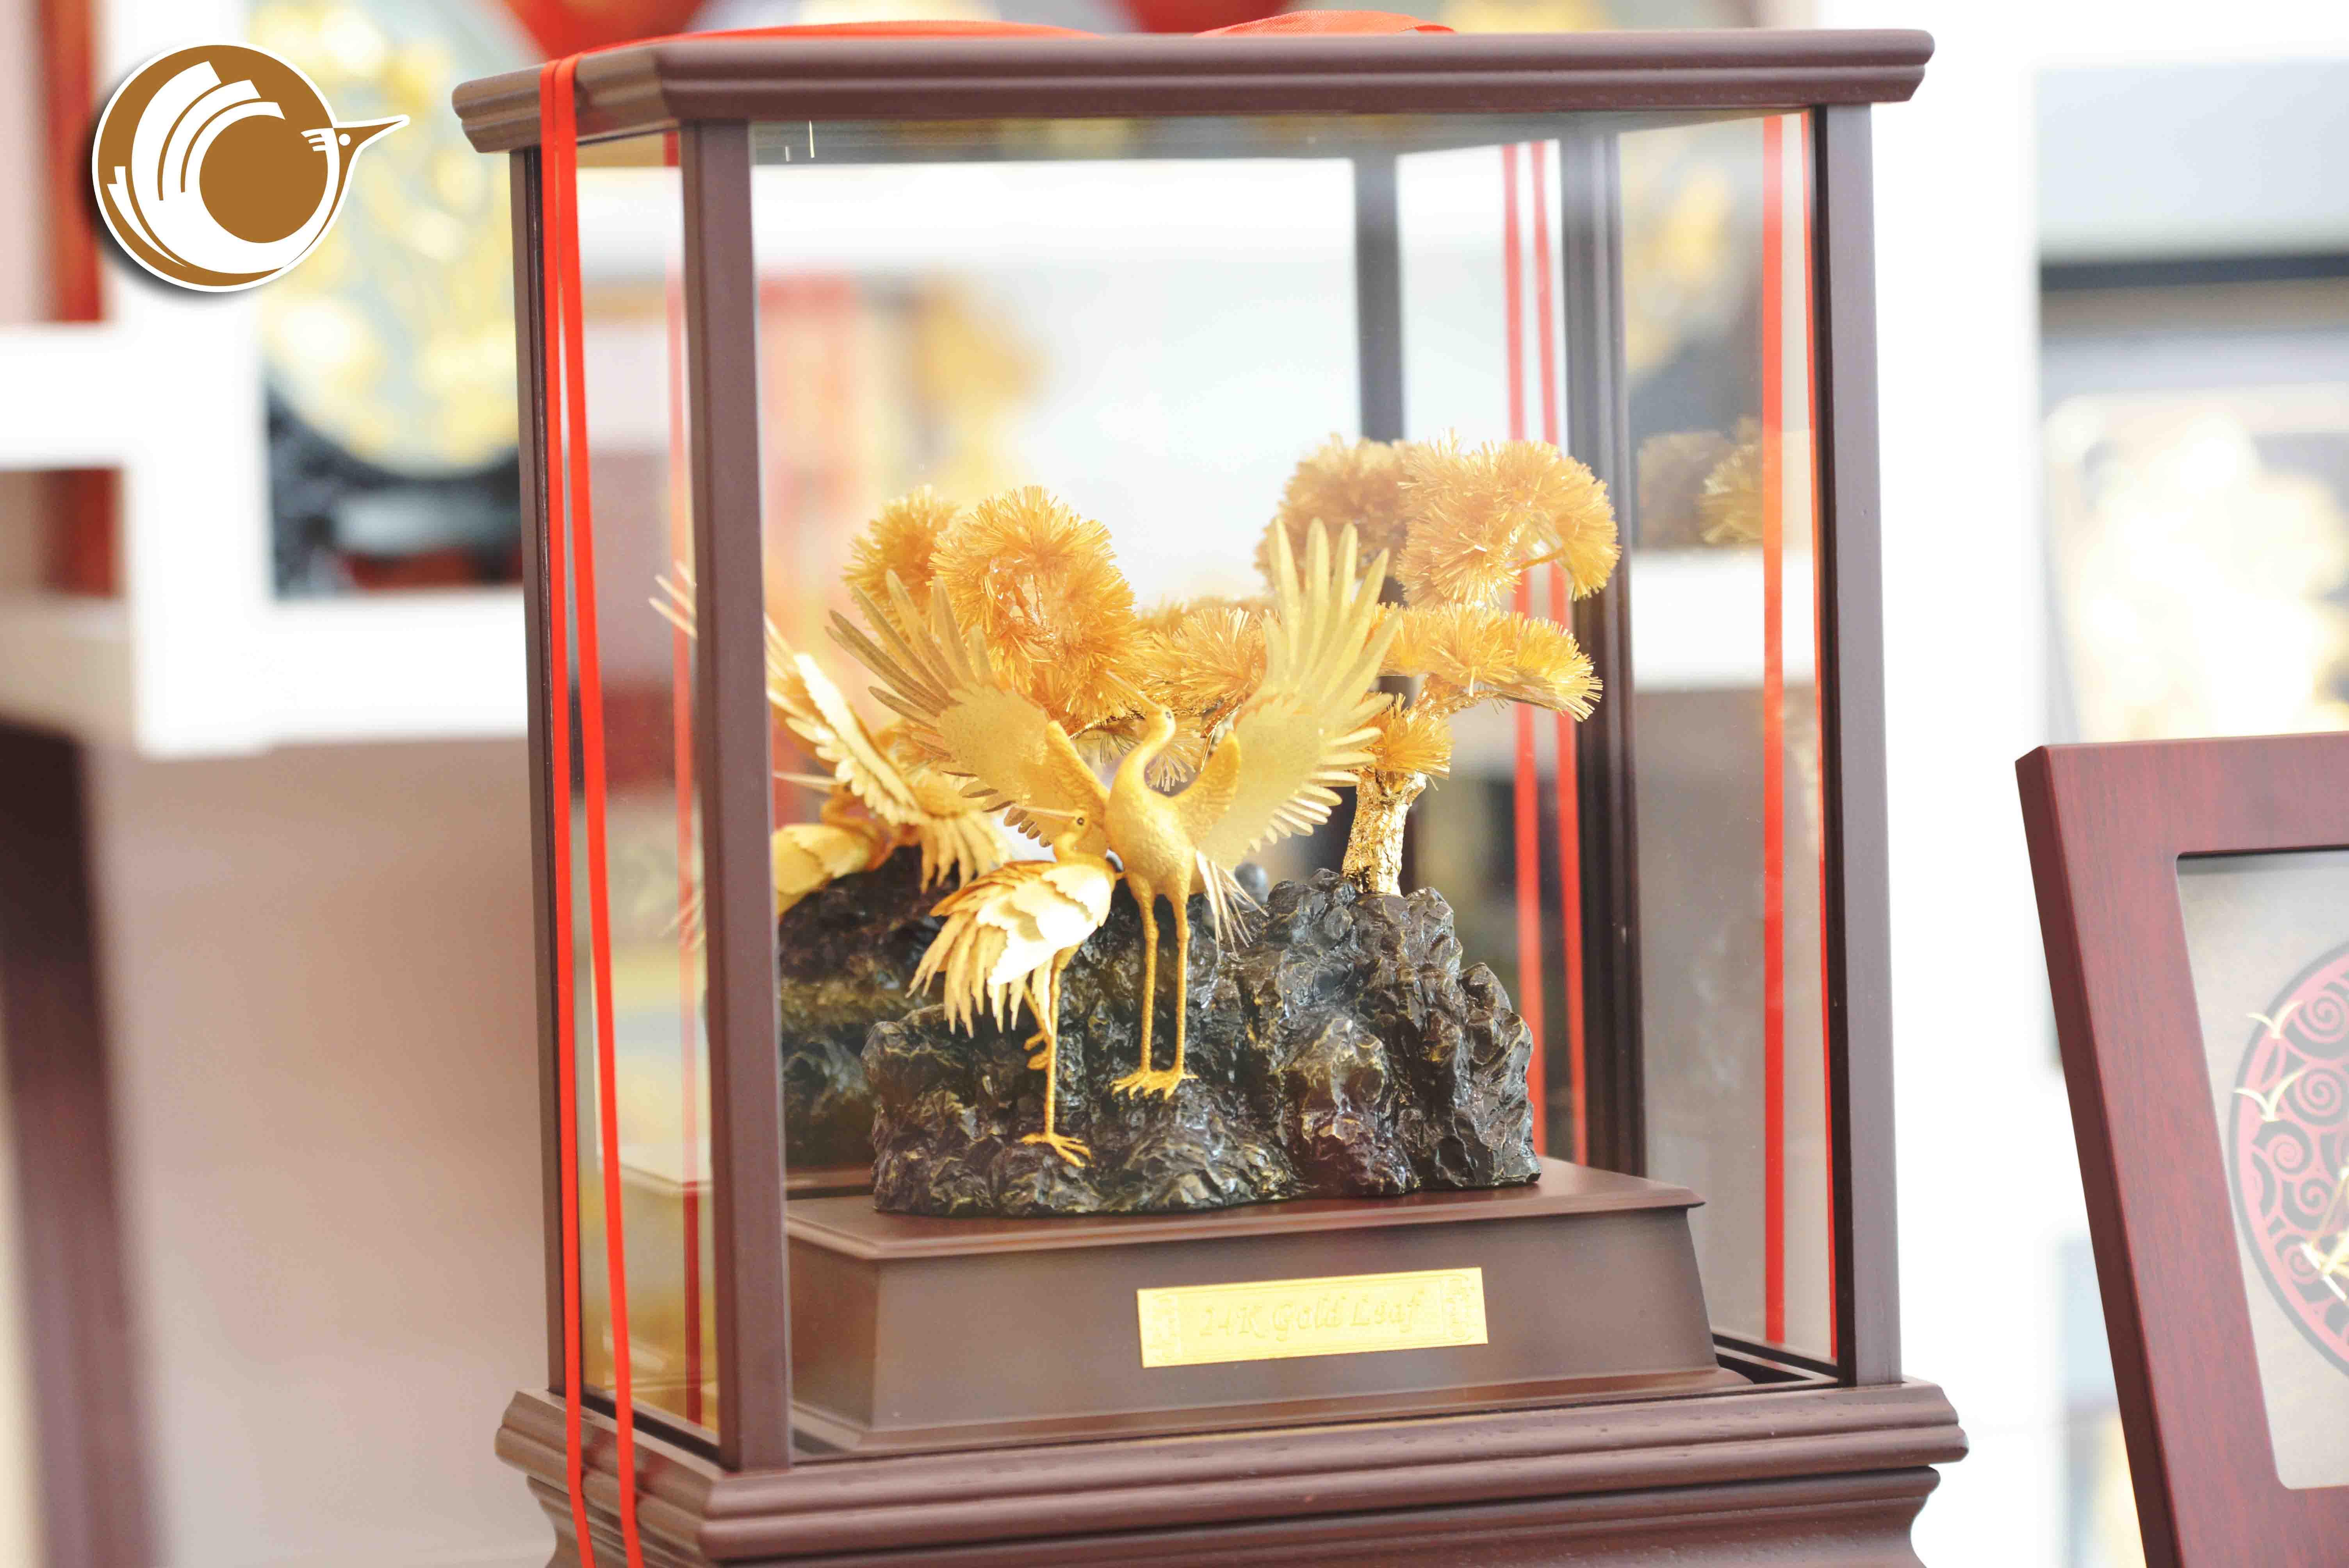 Biểu trưng chim hạc bằng đồng mạ vàng, đồ đồng quà tặng mạ vàng0